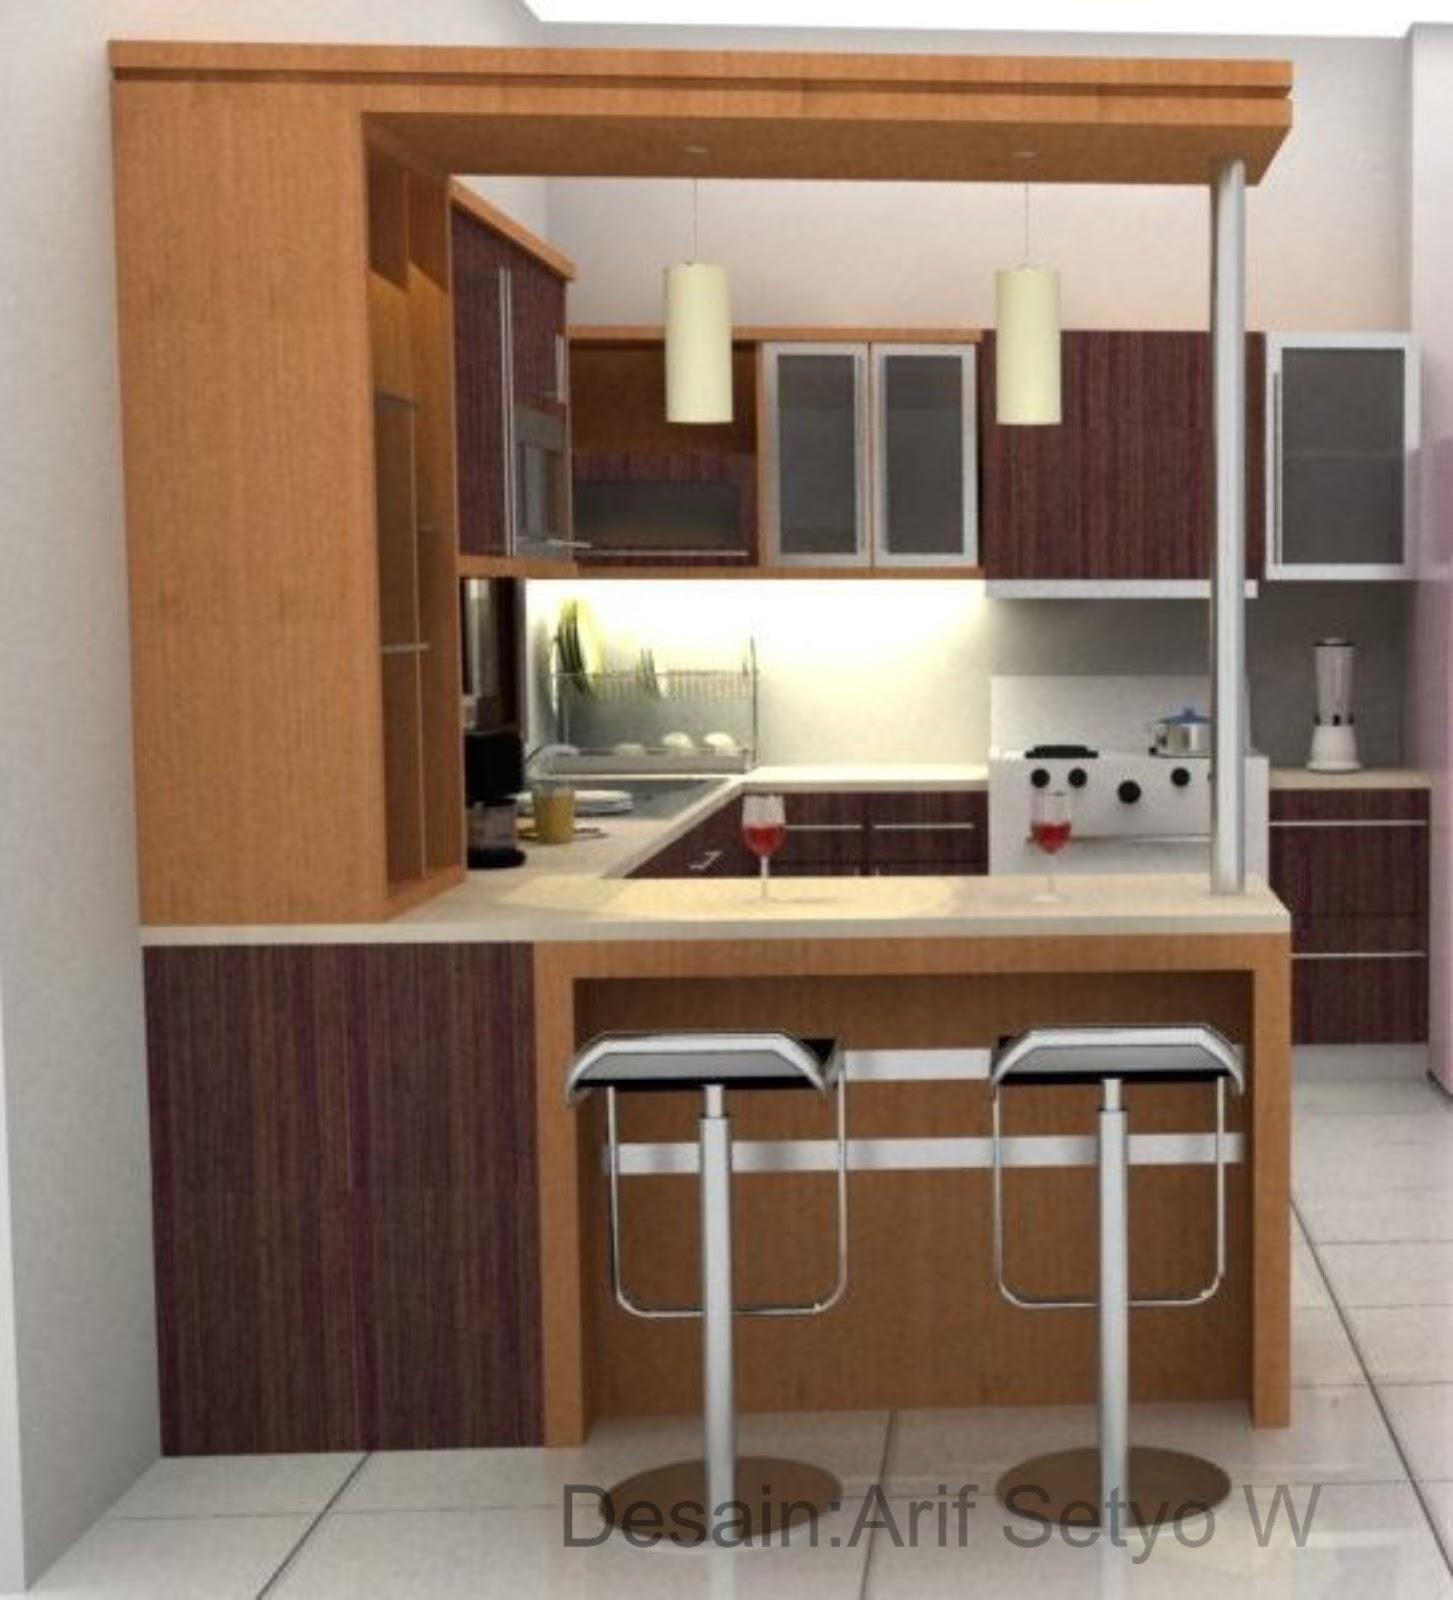 Kitchen Sink Yang Bagus Merk Apa: Desain Dapur Cuci Piring